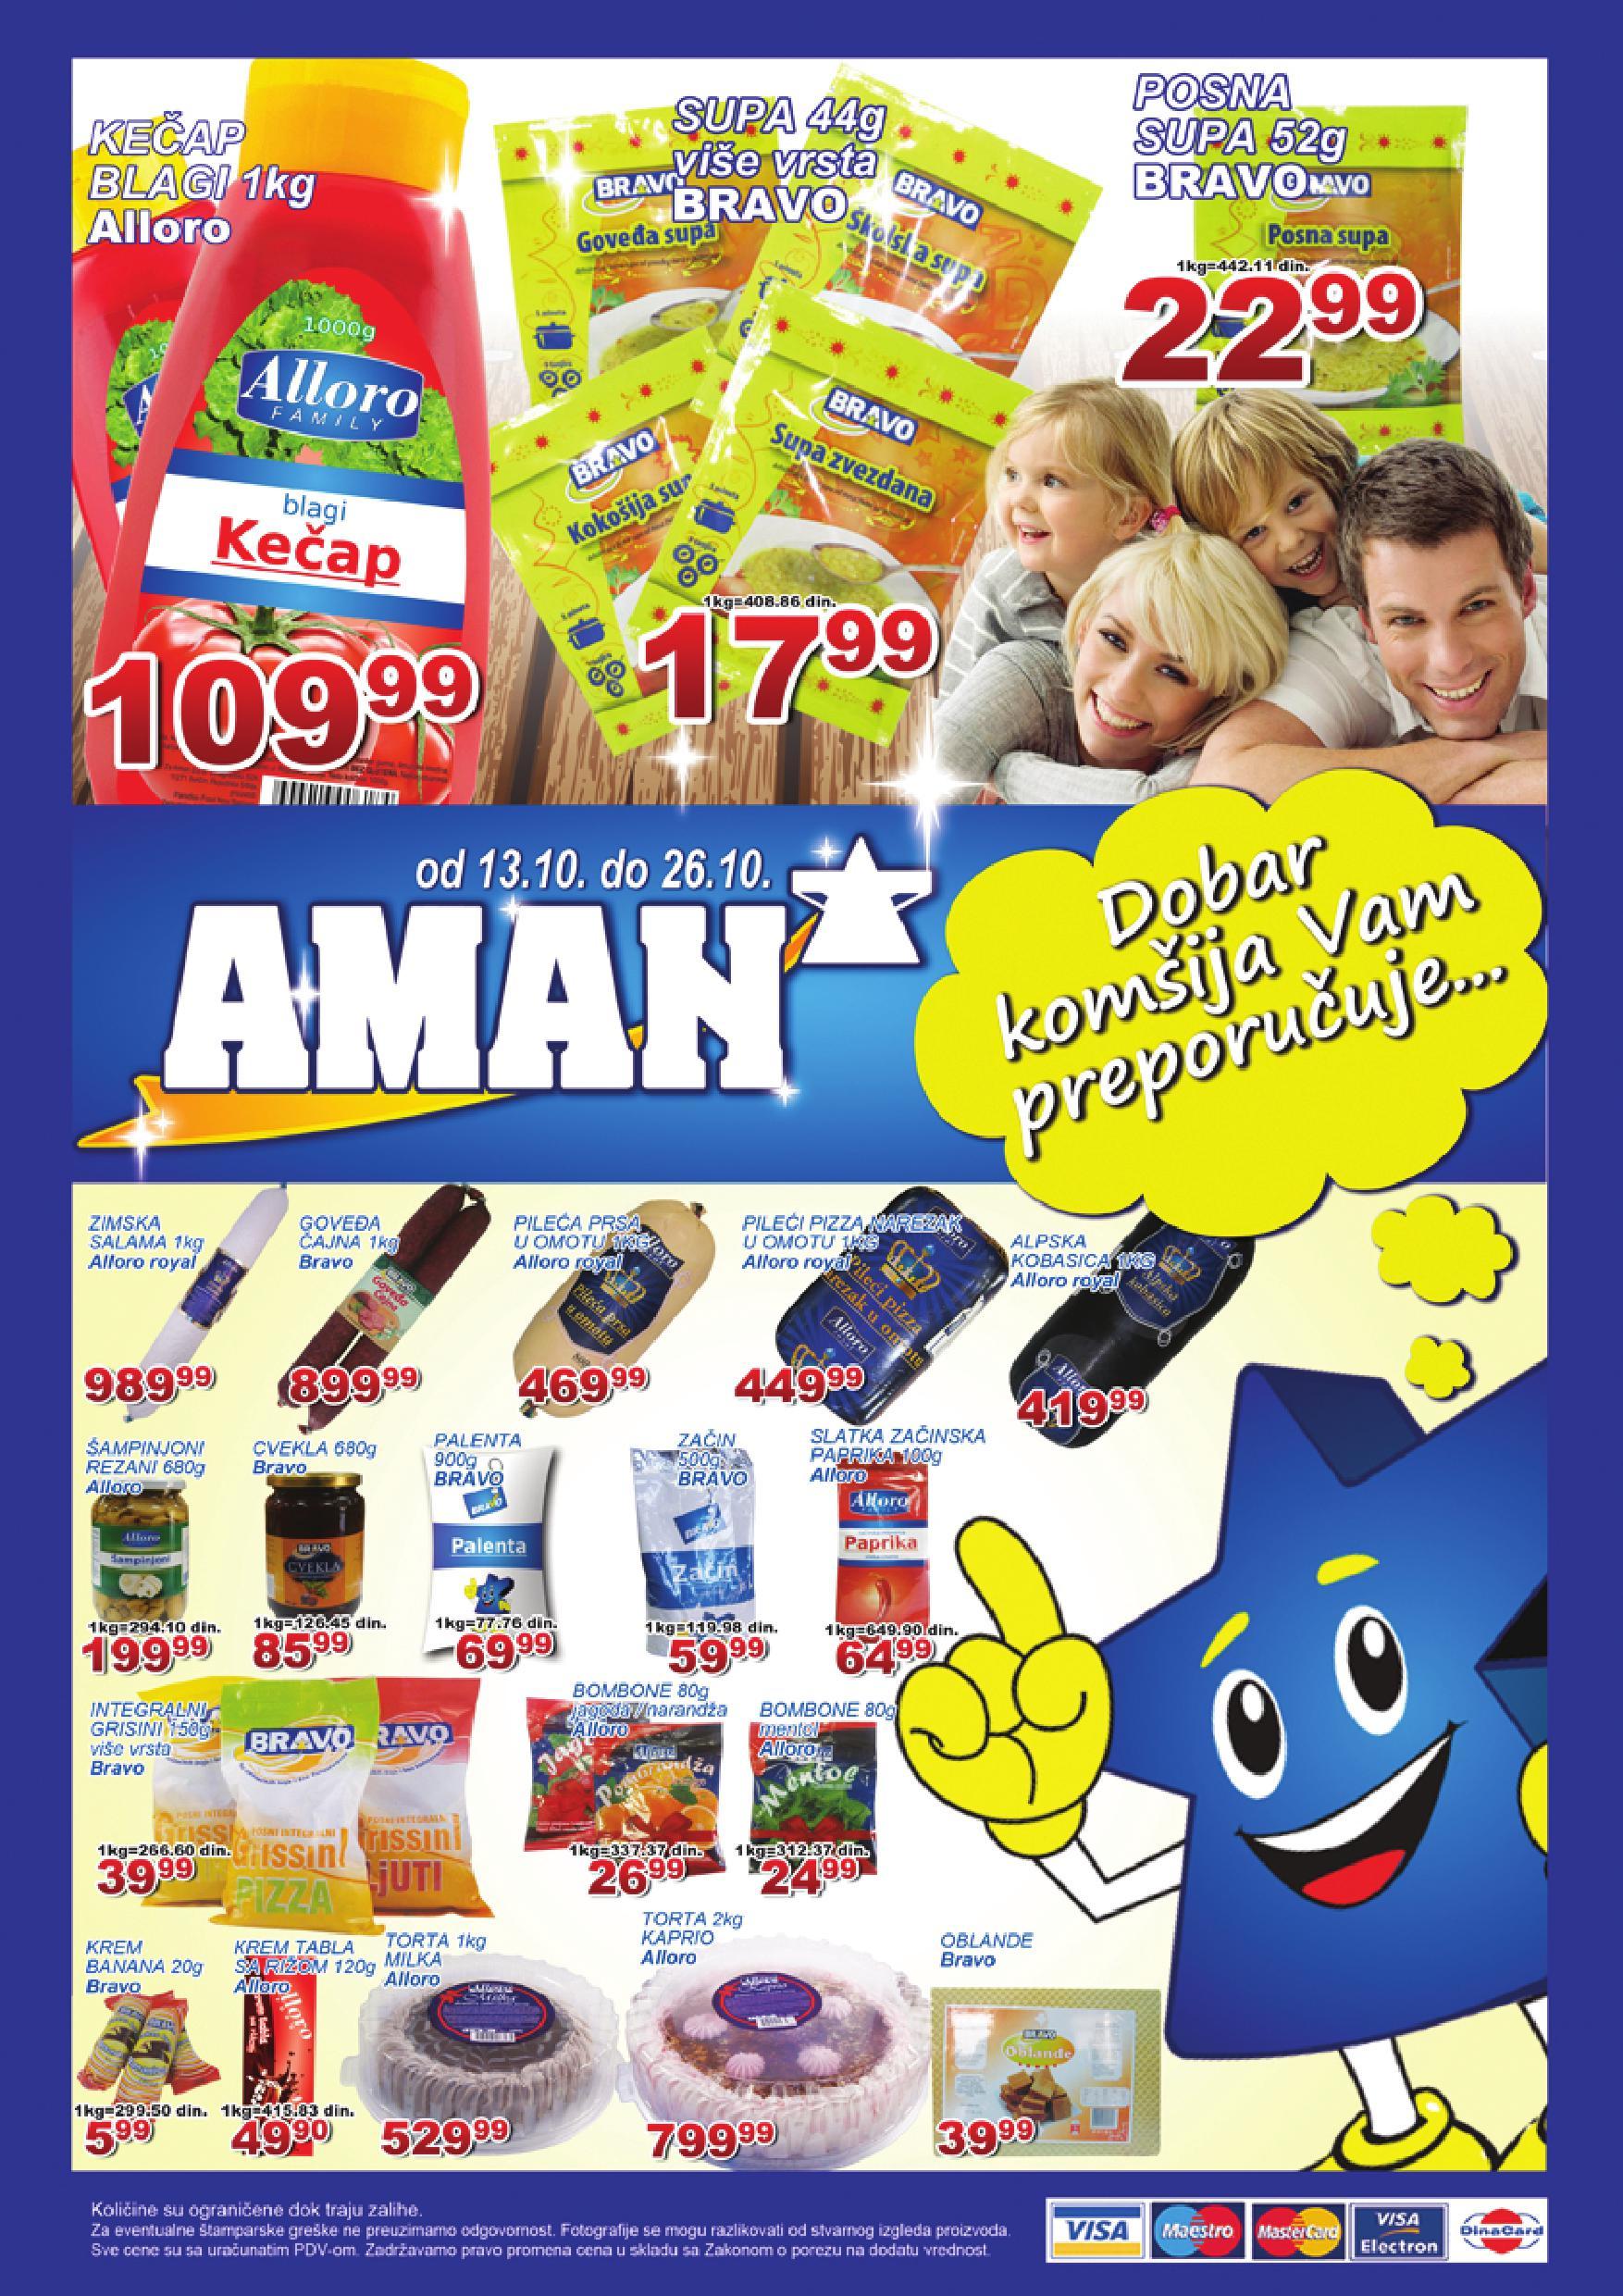 Aman akcija super cene trgovačke robne marke